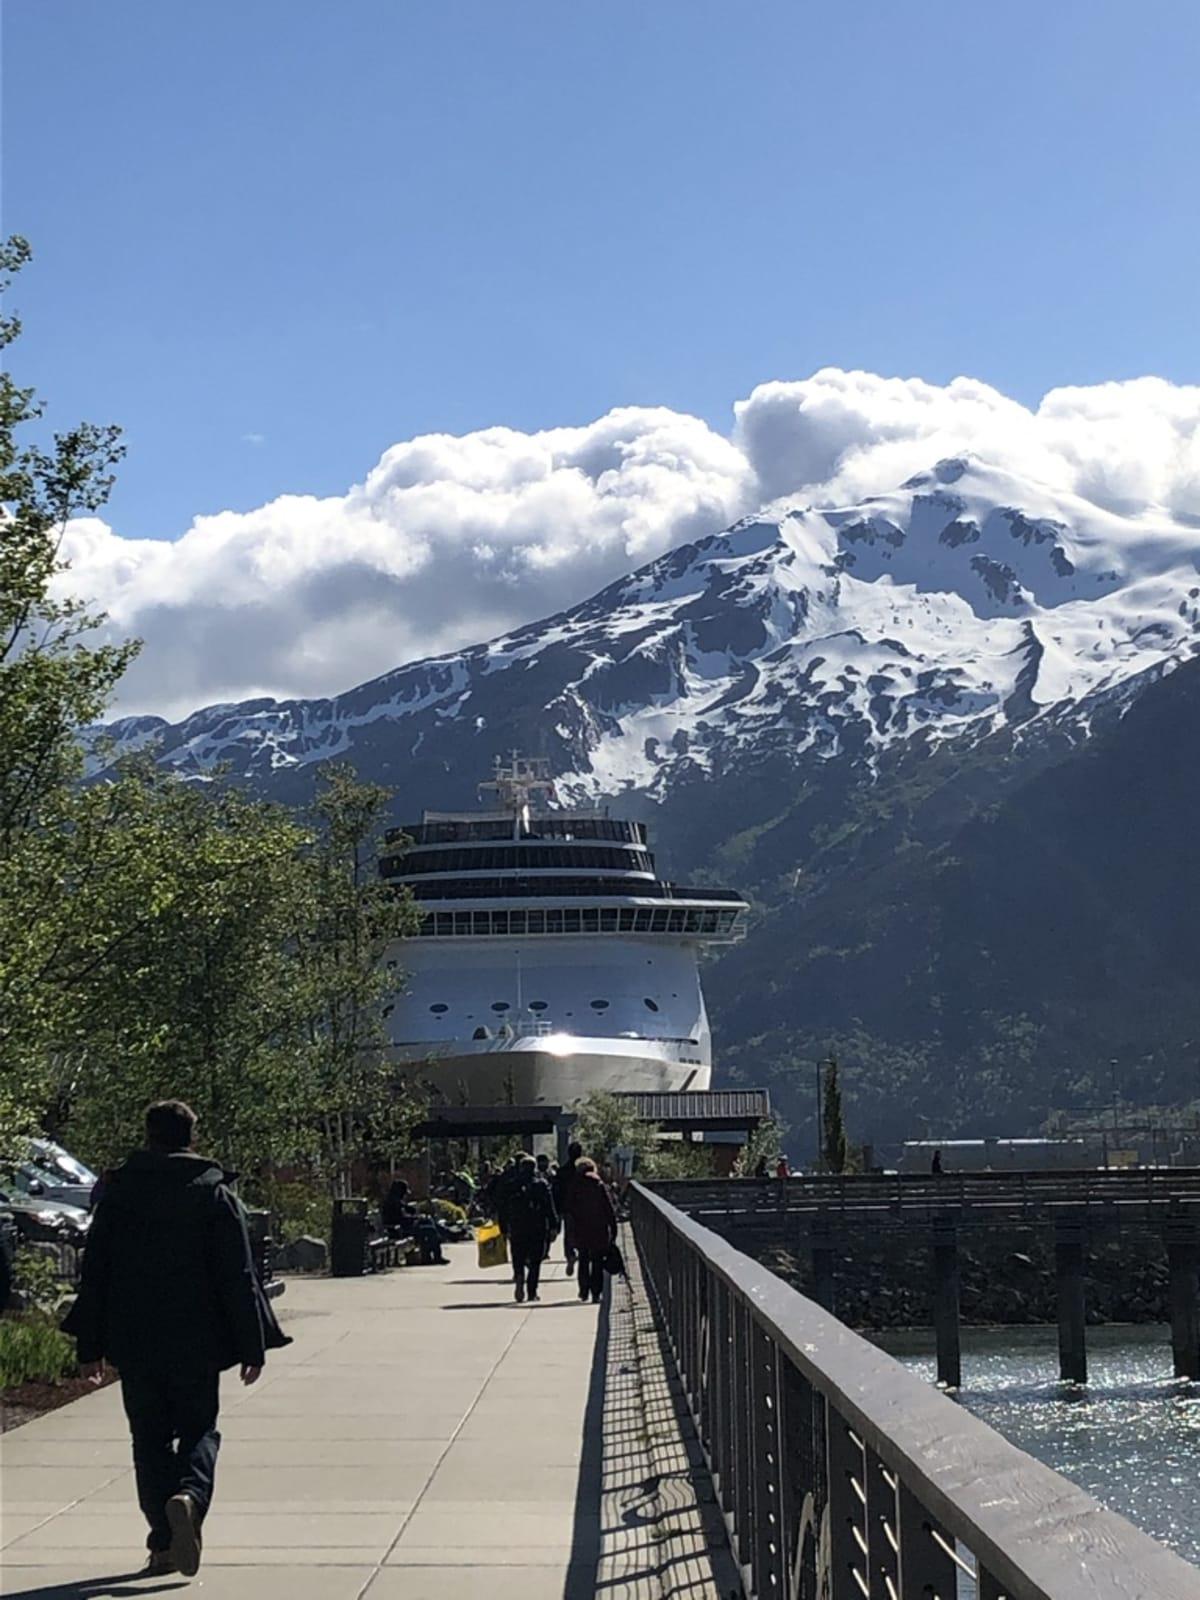 スキャグウエイ。 着いた午前中は曇天、午後は急速に回復、なので山岳鉄道に。 その景色の壮大さは、別添の動画のYoutubeアドレスでご鑑賞ください。 | スカグウェイ(アラスカ州)での客船クイーン・エリザベス